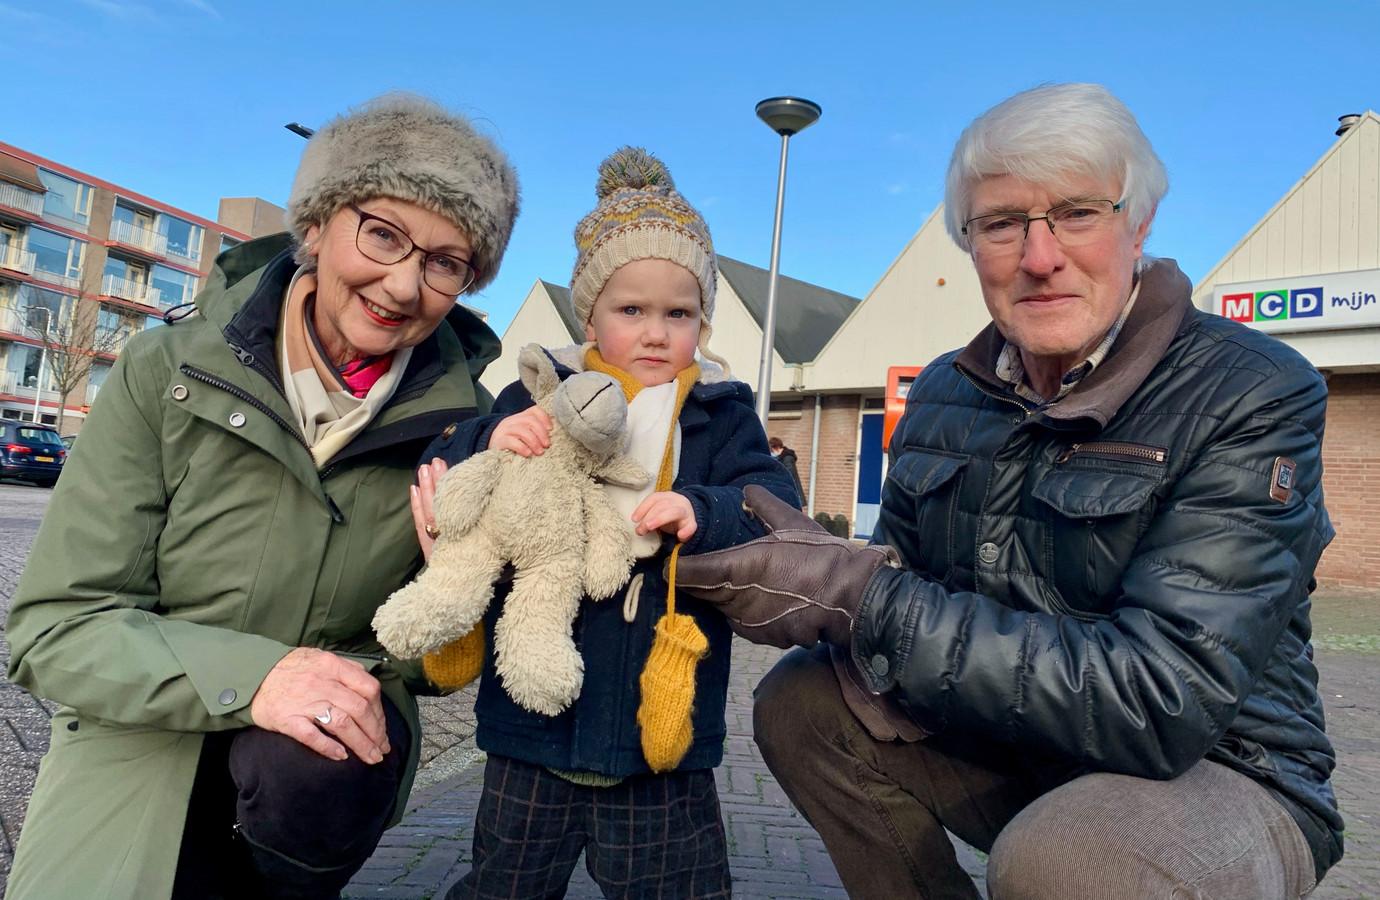 Ietie en Arend Verbruggen met hun kleinzoon Maxime (2). En natuurlijk Apie.